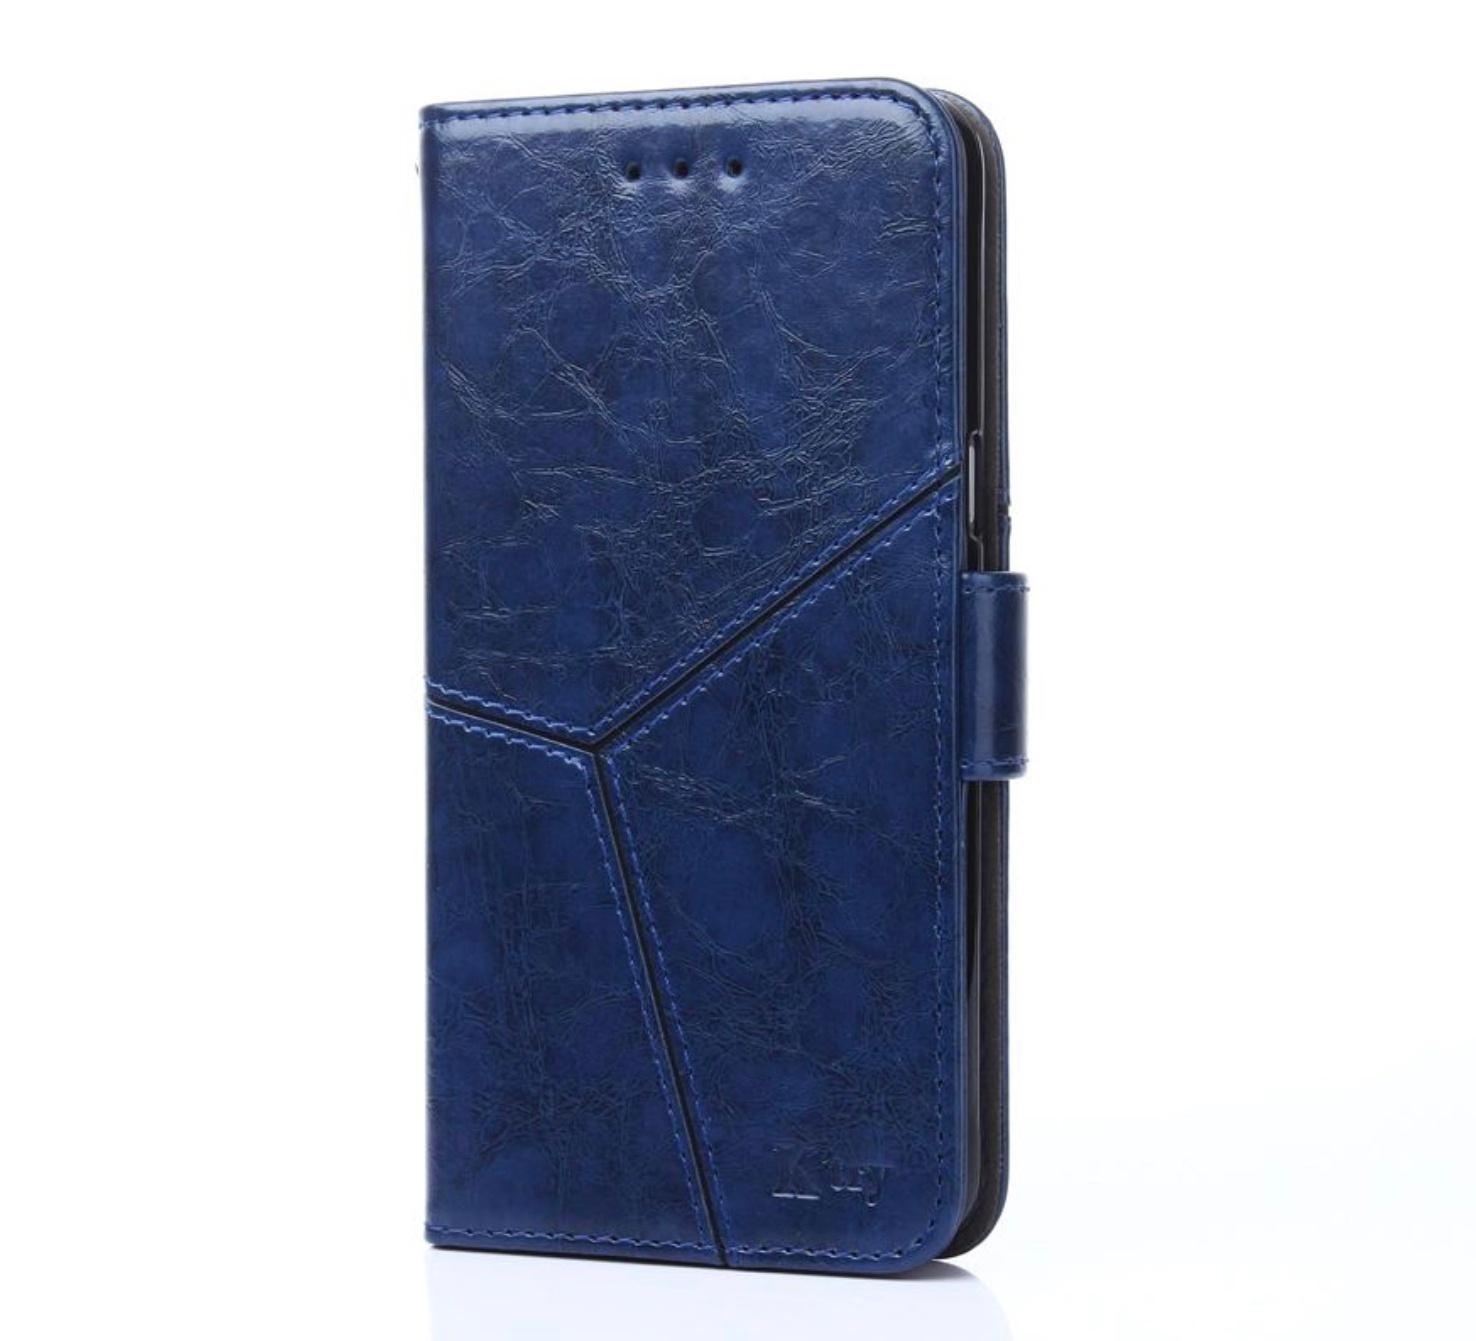 Чехол-книжка MyPads для Note 7 Pro прошитый по контуру с необычным геометрическим швом синий